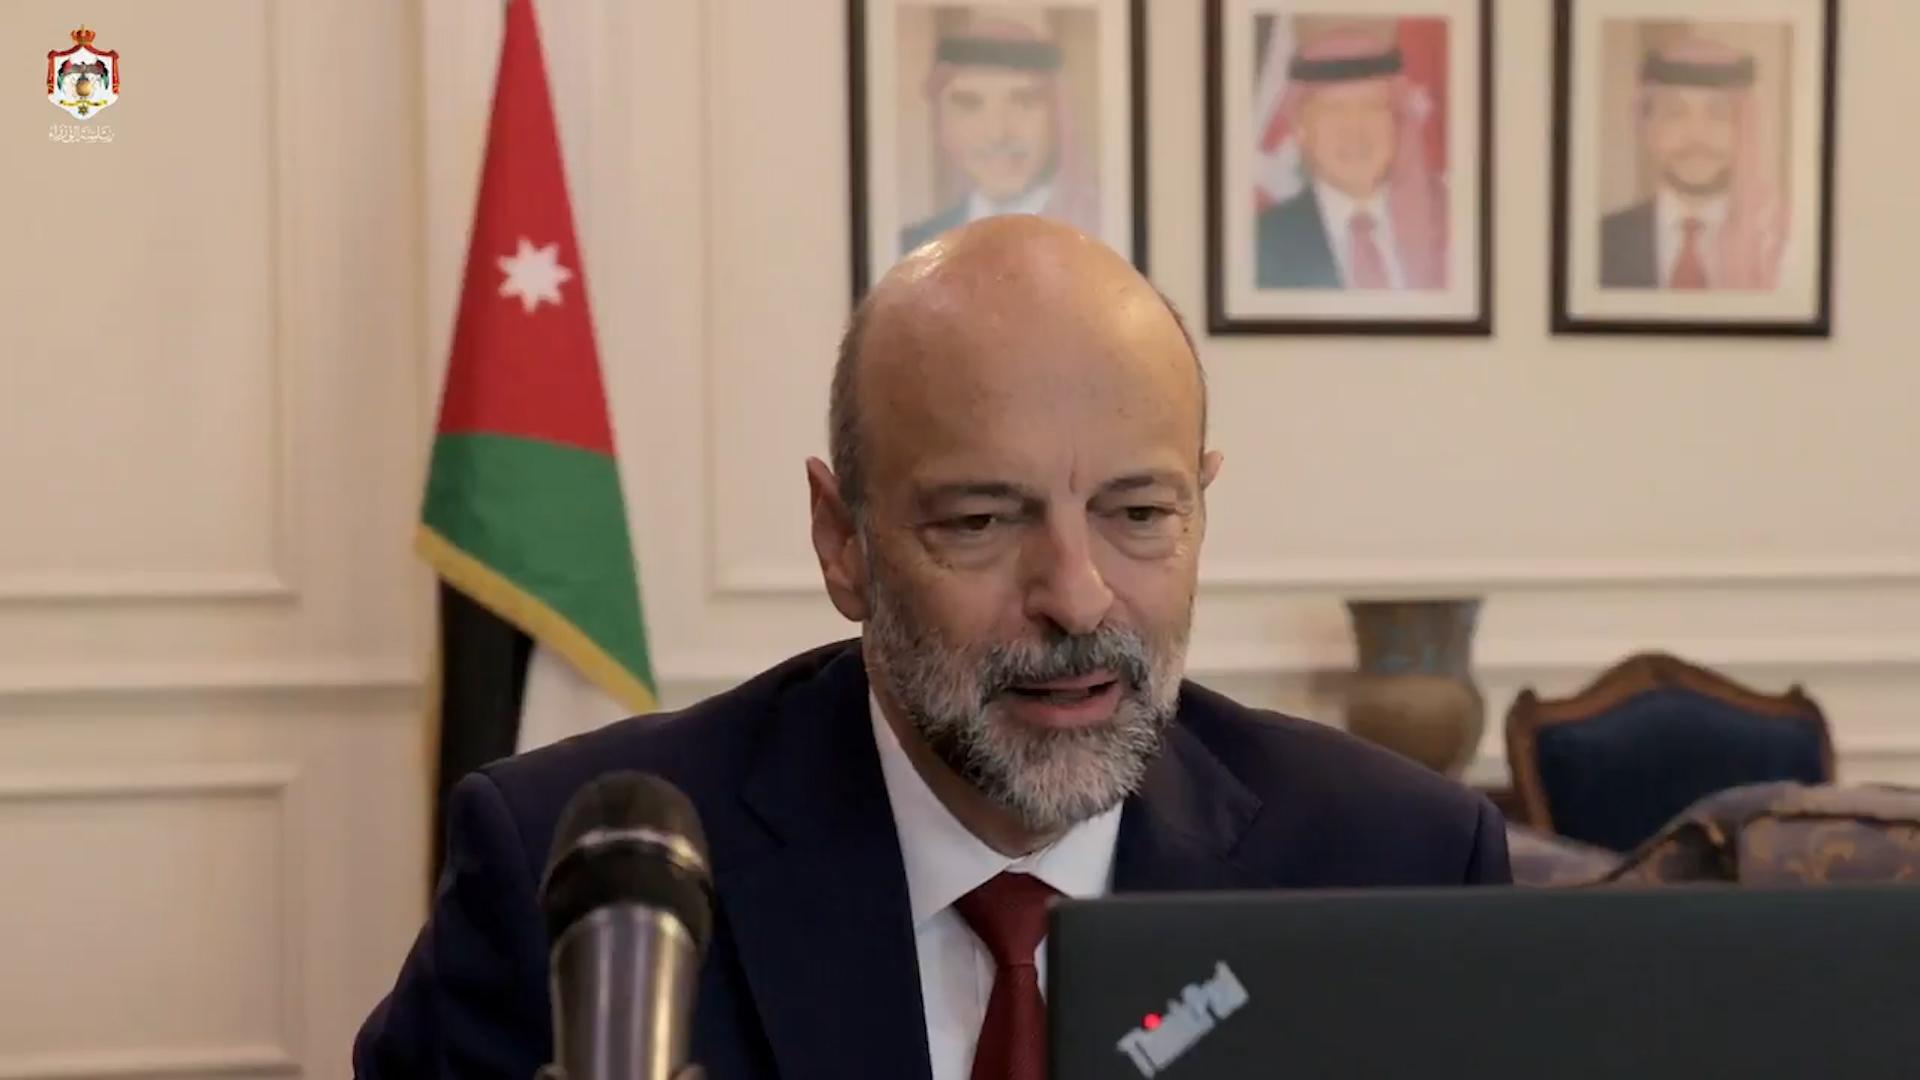 رئيس الوزراء يرعى افتتاح معسكرات الحسين للعمل والبناء 2020 الرقمية